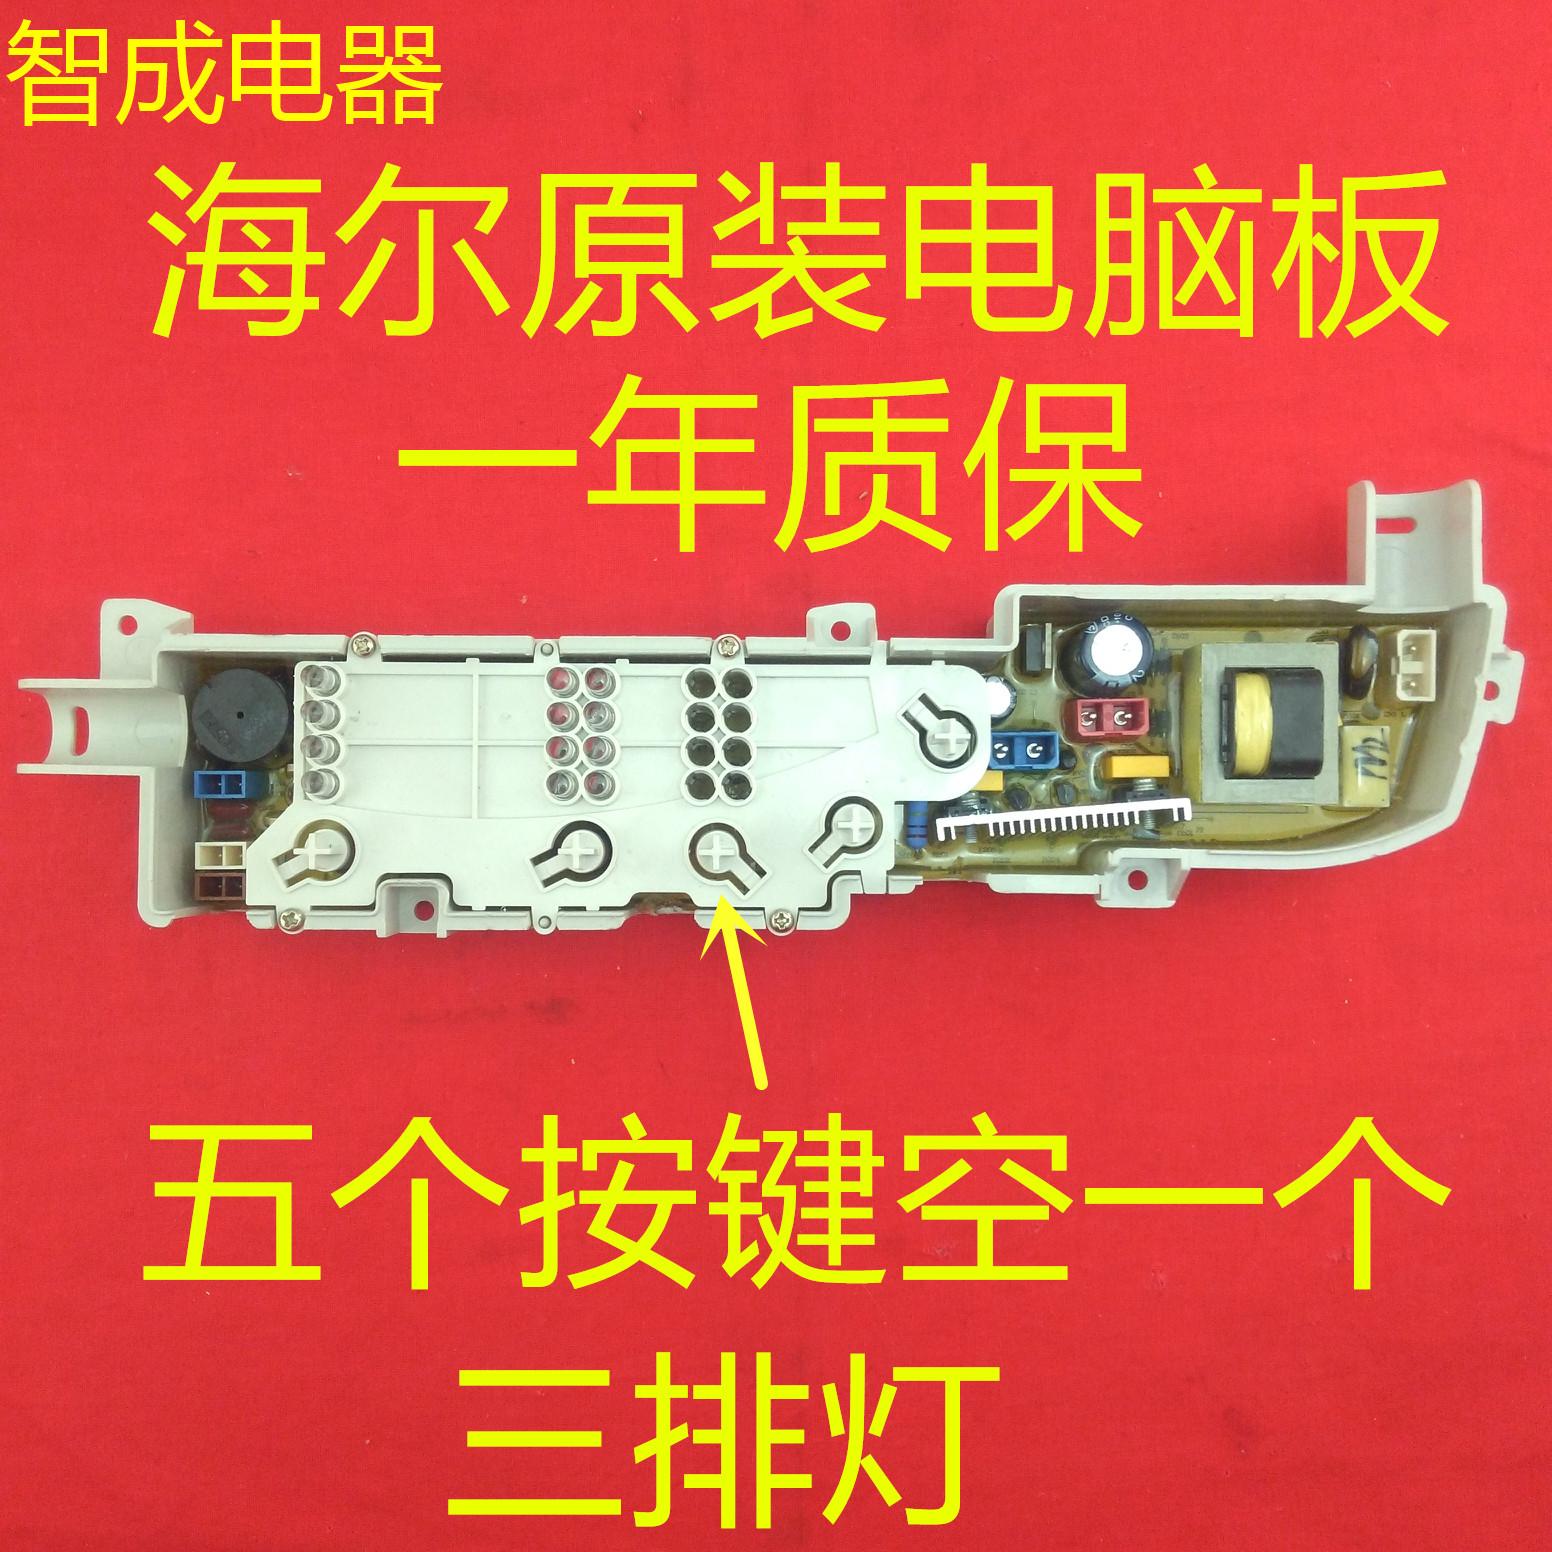 海尔洗衣机xqb55-m1269